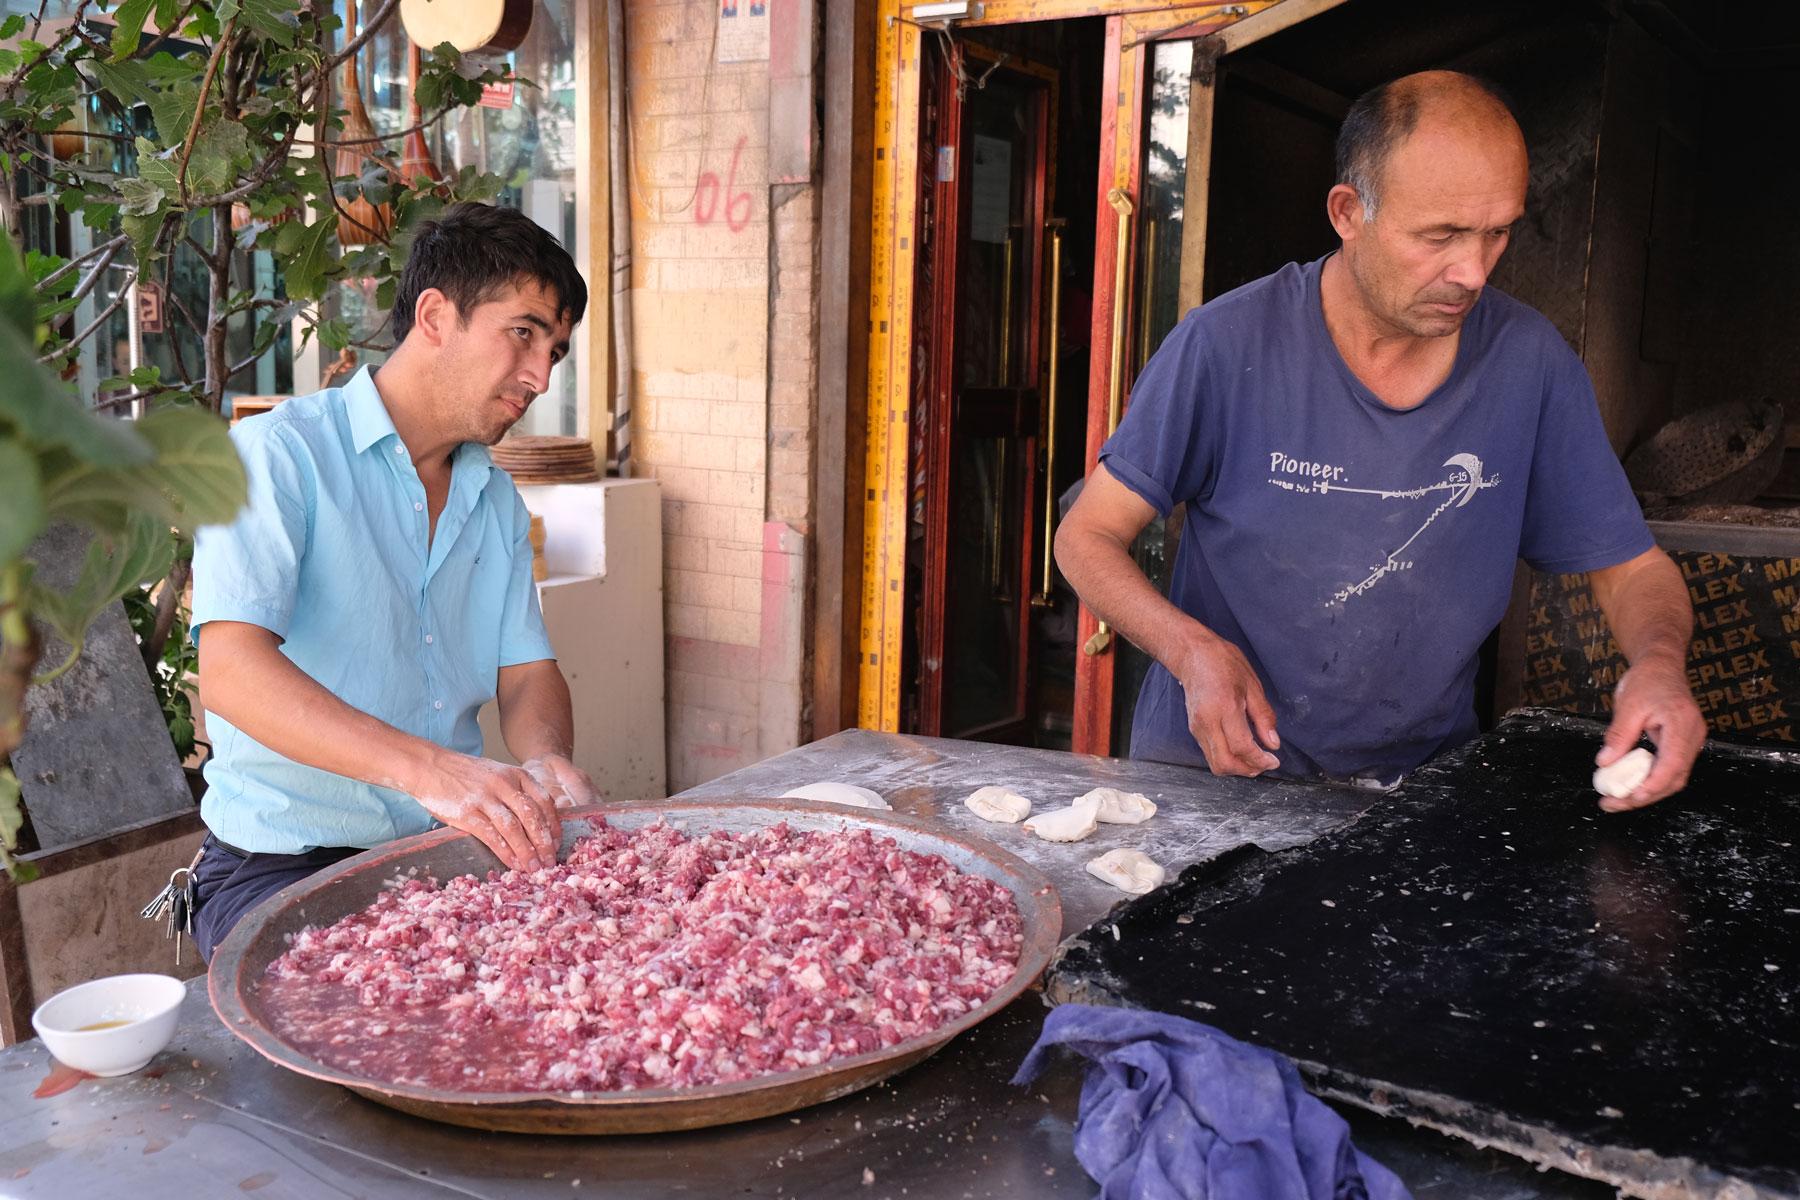 Ist die Mischung aus Fleisch, Speck und Zwiebeln fertig, ist es an der Zeit, die Teigtaschen zu befüllen